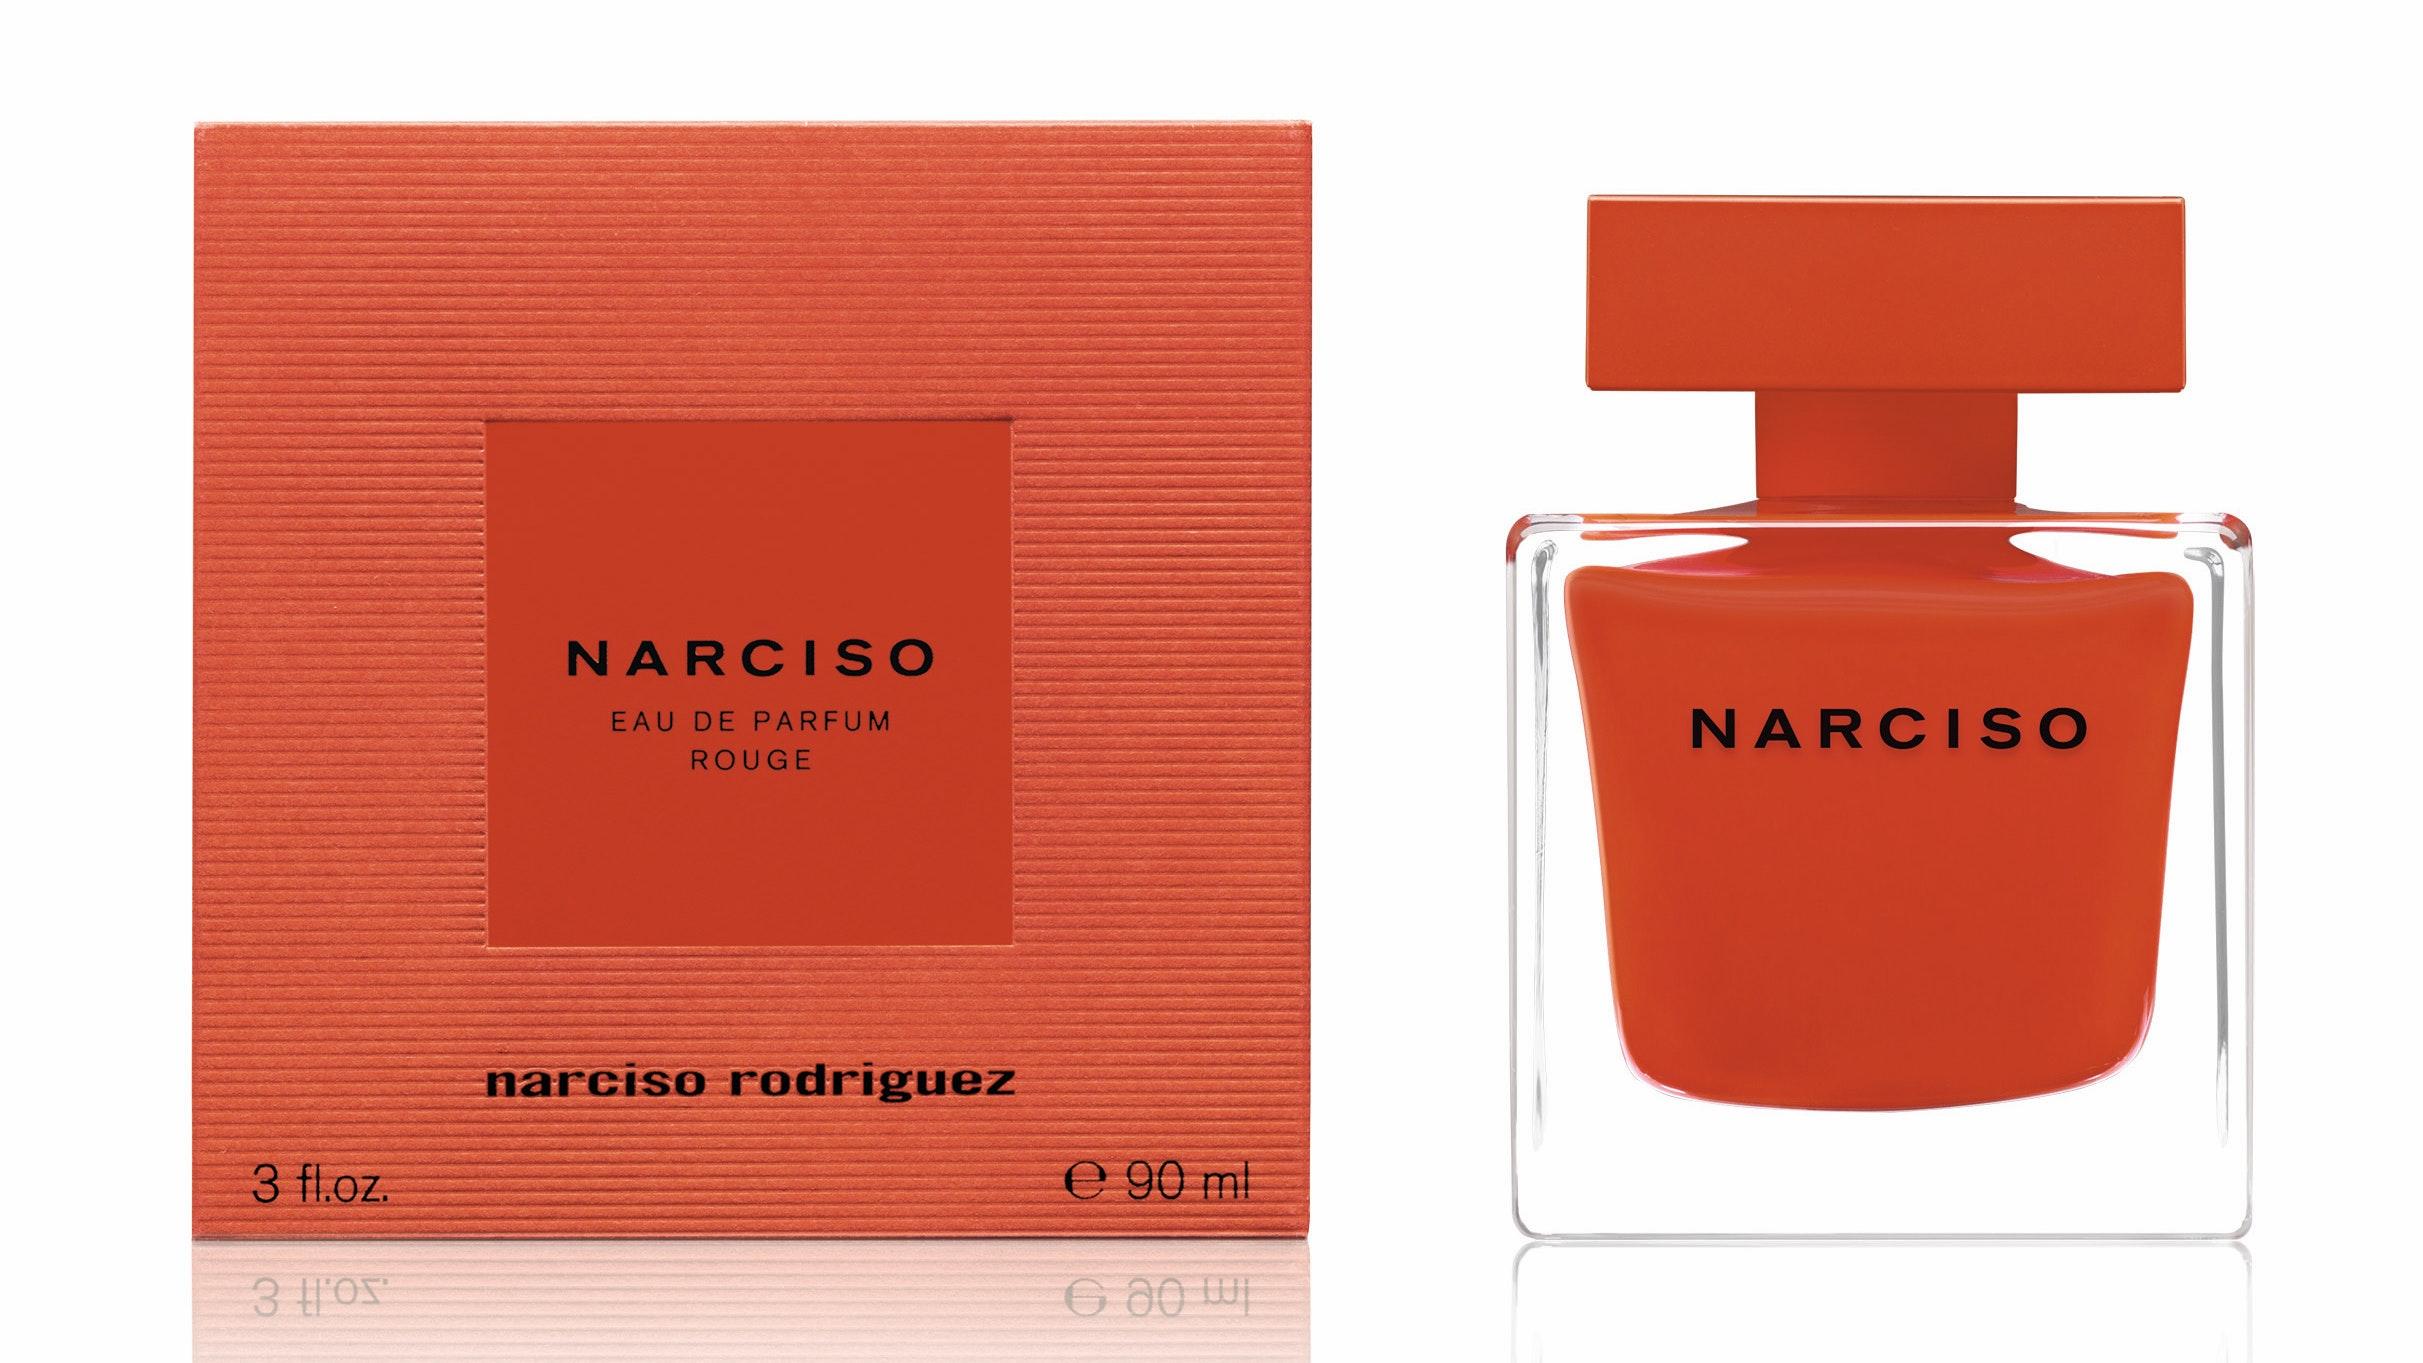 Narciso Rodriguez® Eau de Parfum Rouge